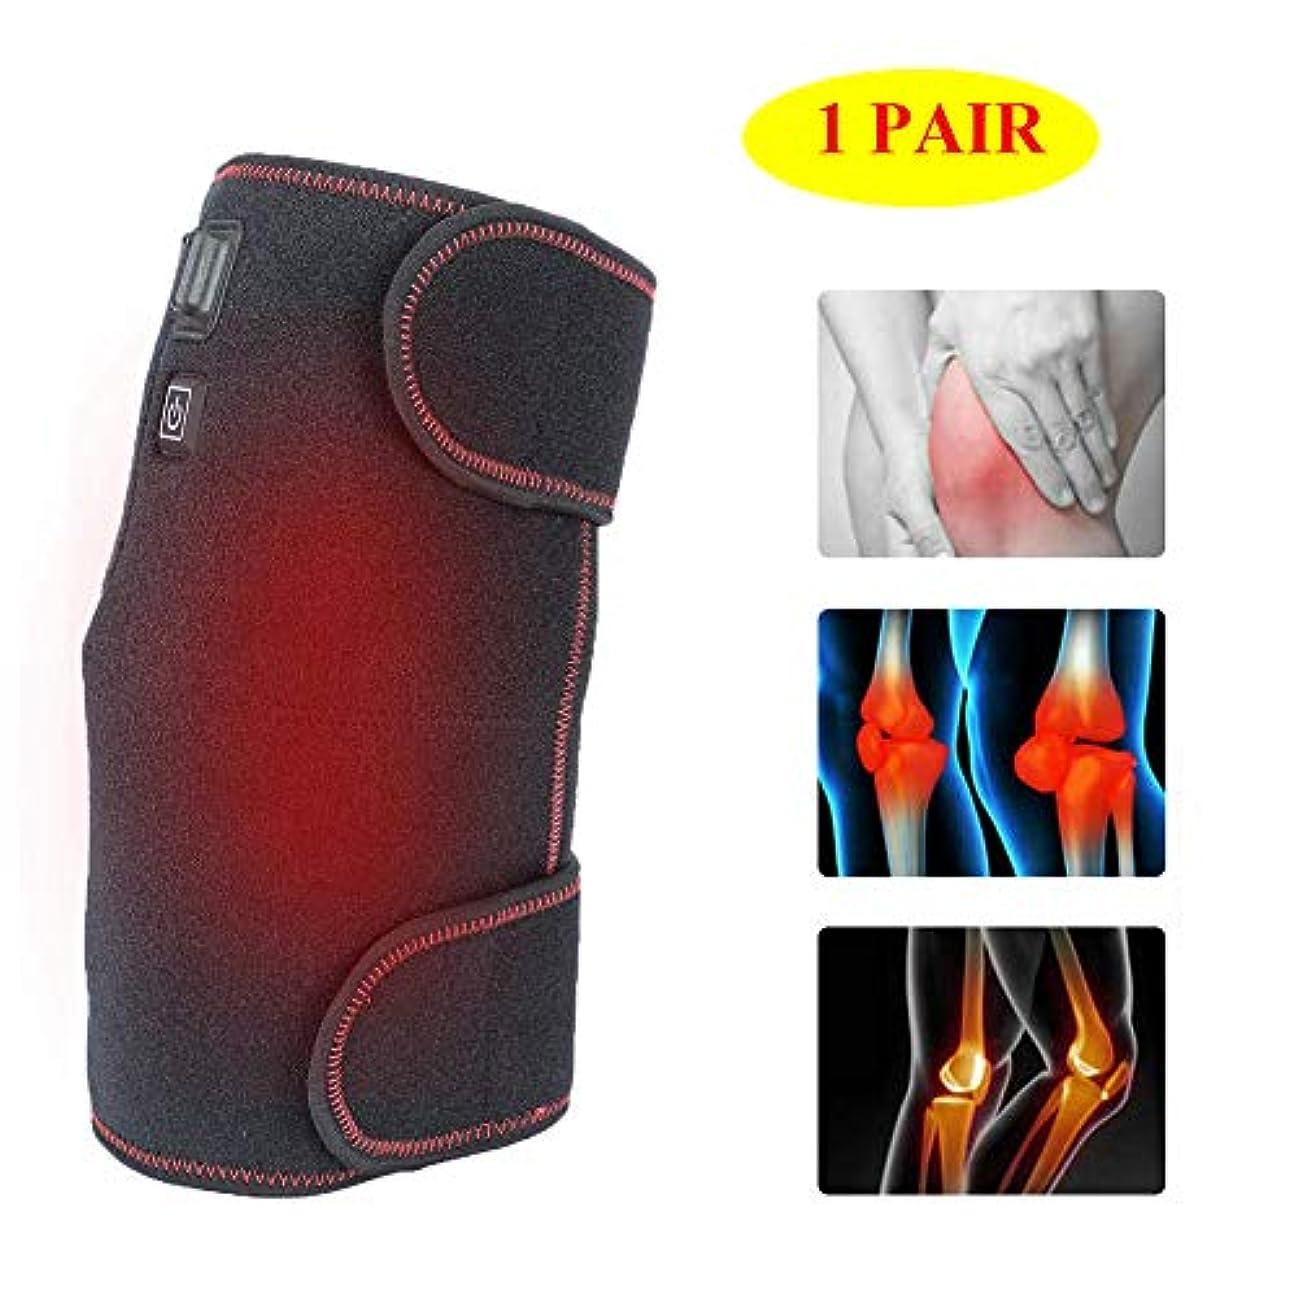 変形浪費空港加熱膝ブレースサポート1ペア - USB充電式膝暖かいラップ加熱パッド - 療法ホット圧縮3ファイル温度で膝の傷害